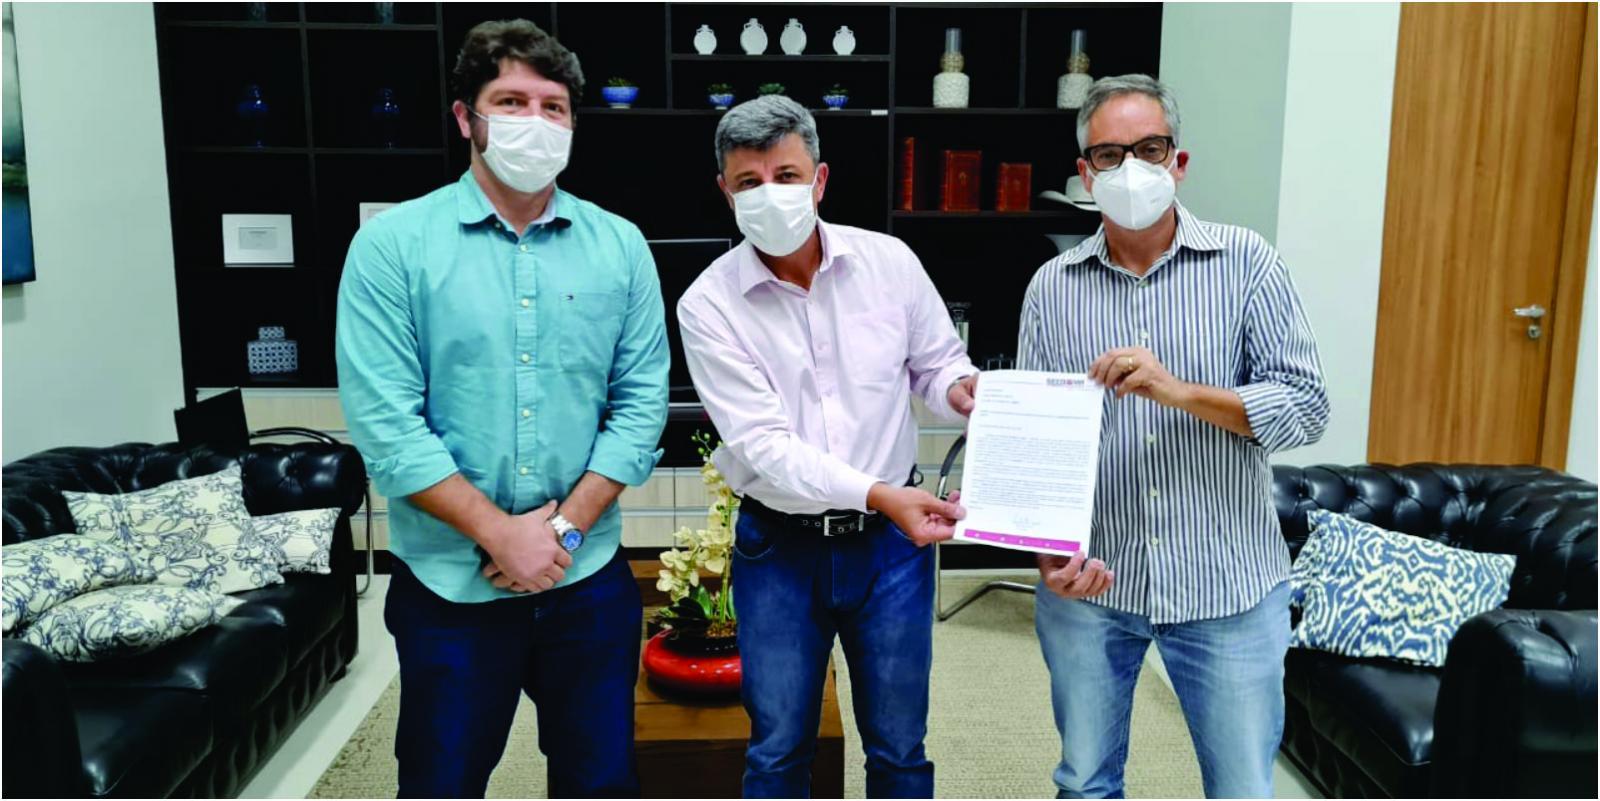 Sindicato entrega ofício solicitando vacinação para os bancários.